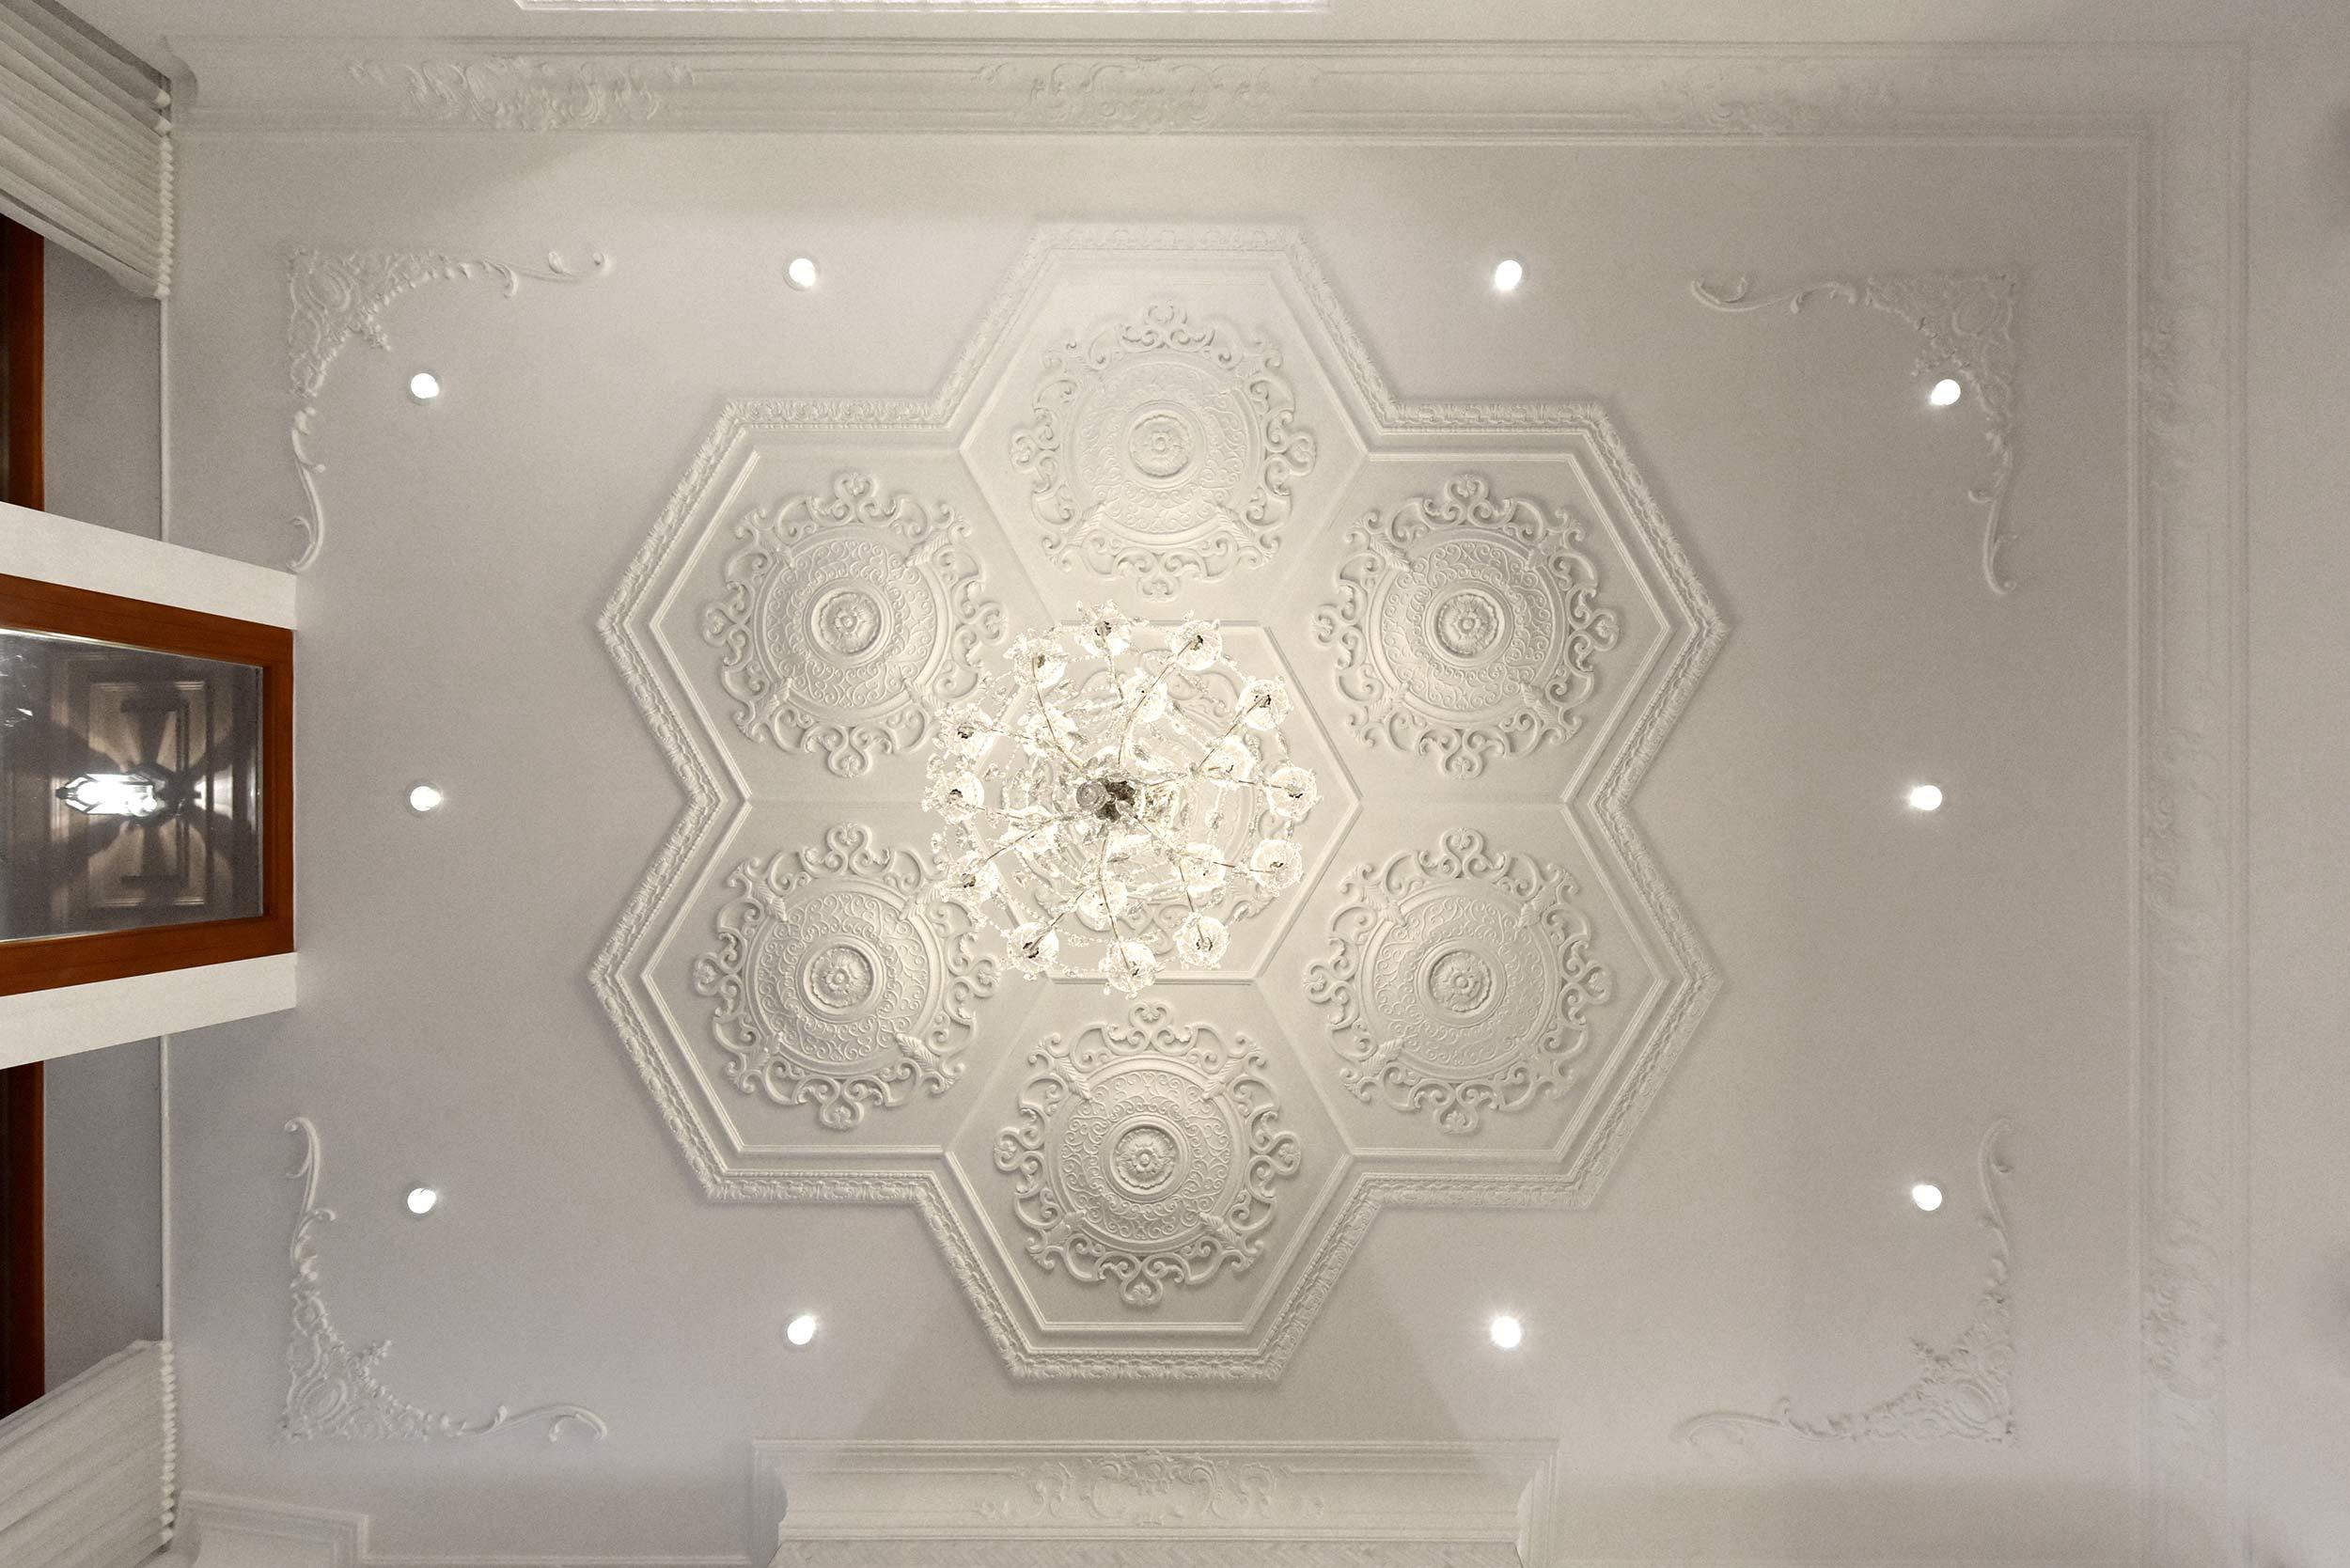 Ornement de plâtre au plafond